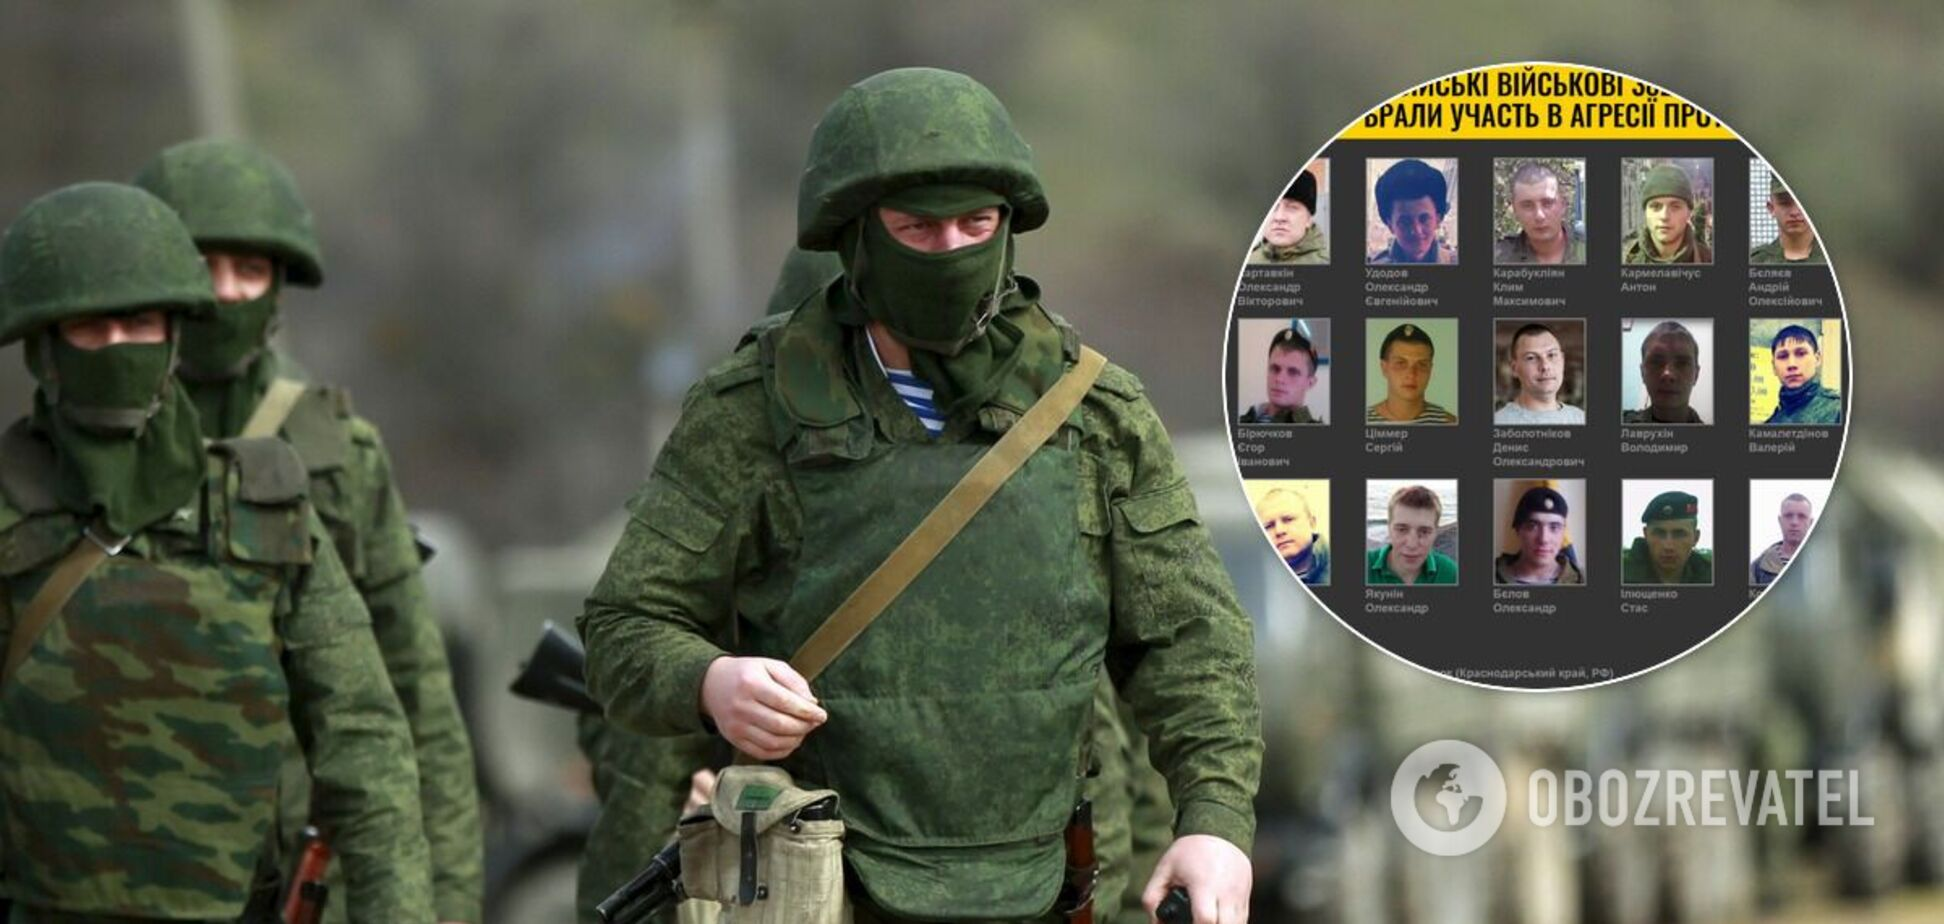 Установлены личности 15 российских военных, захватывавших Крым. Фото